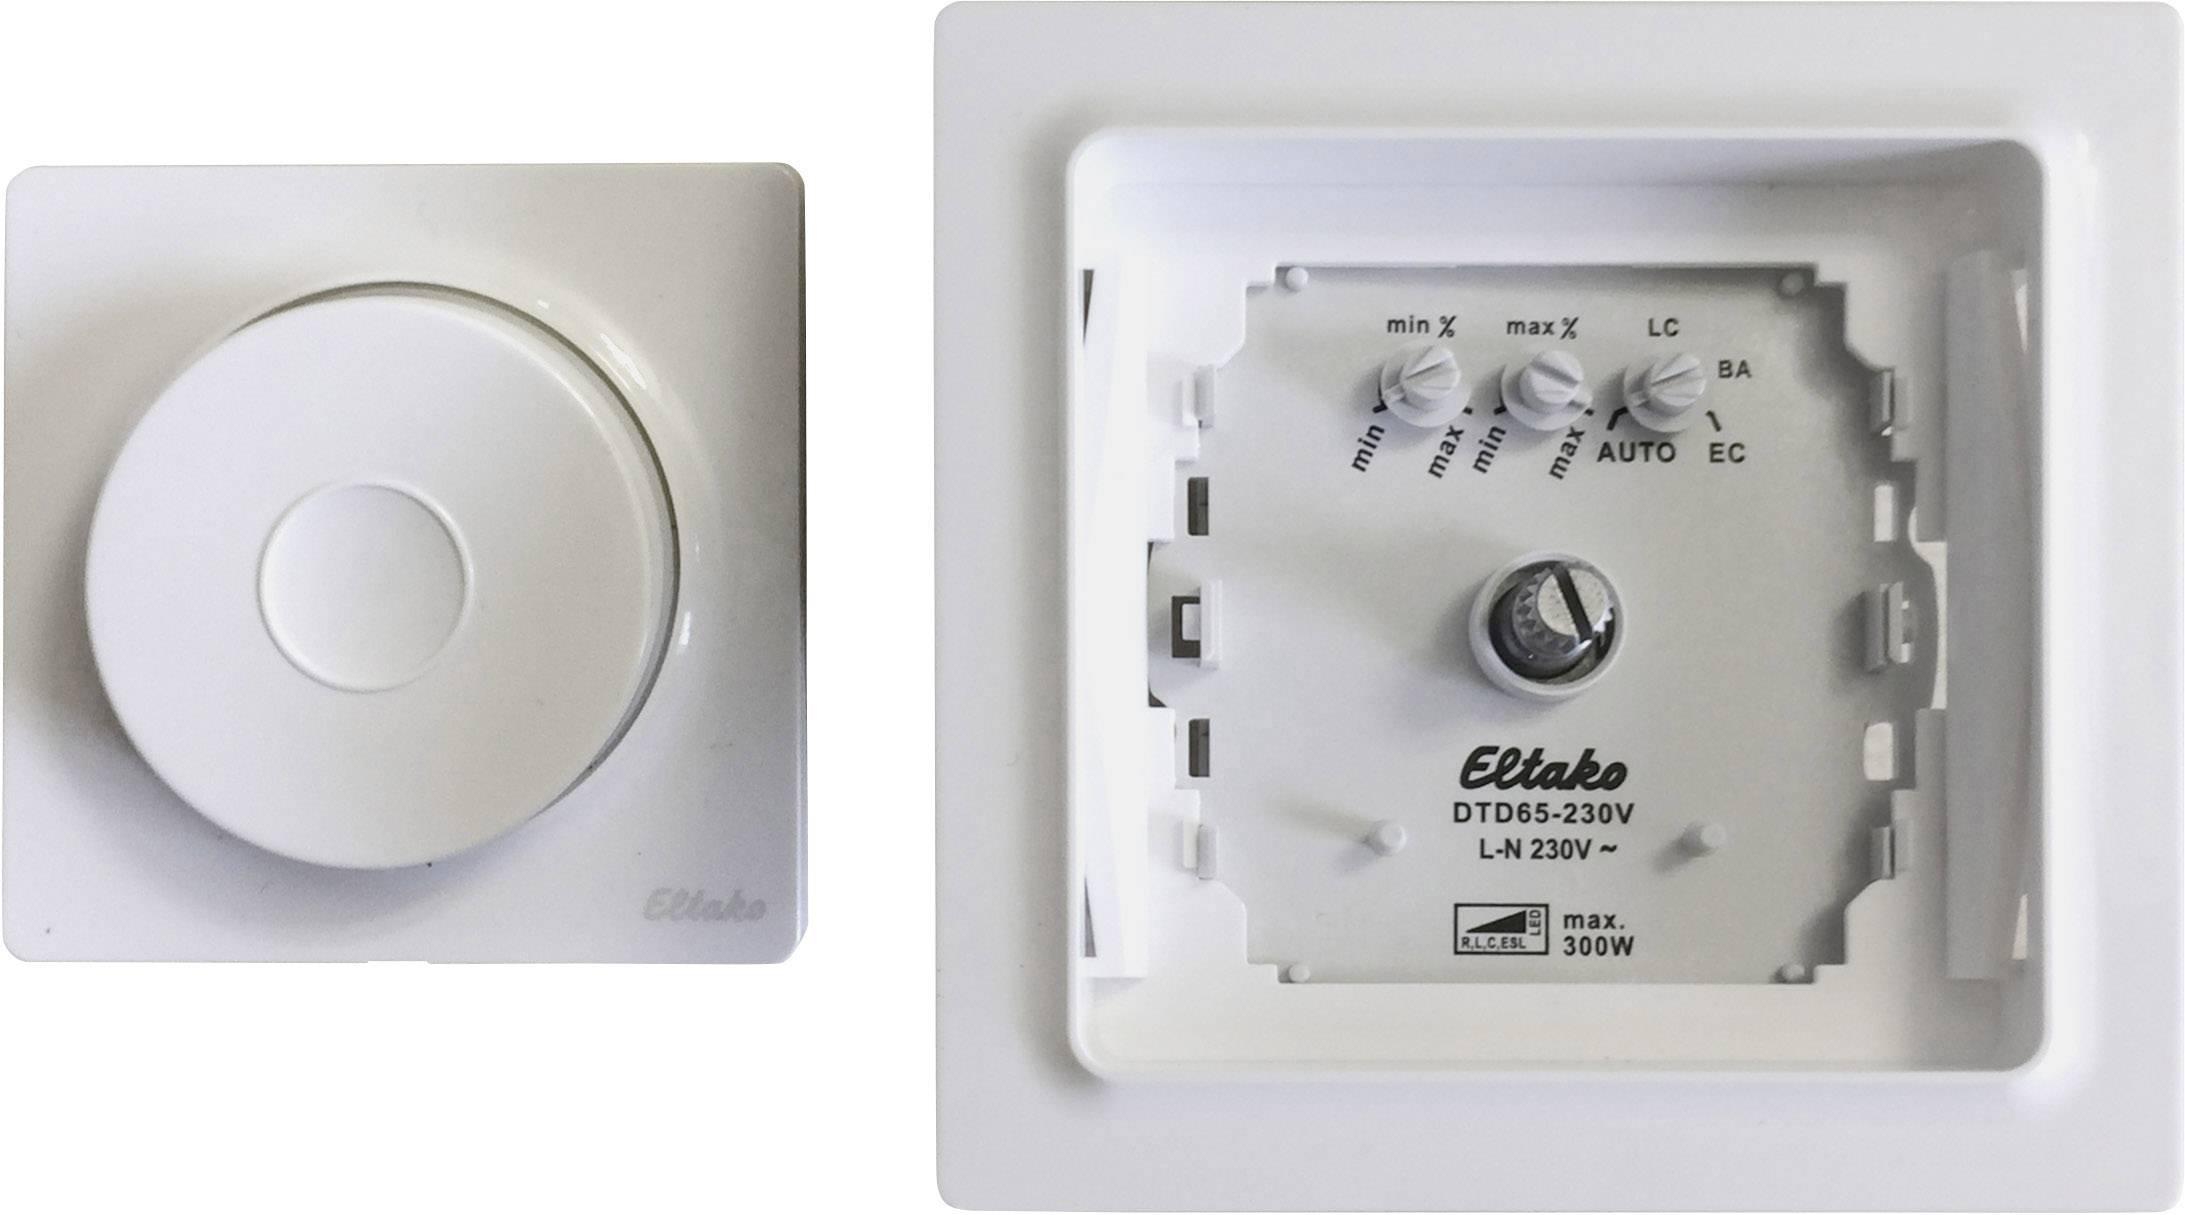 Eltako unterputz dimmer geeignet für leuchtmittel led